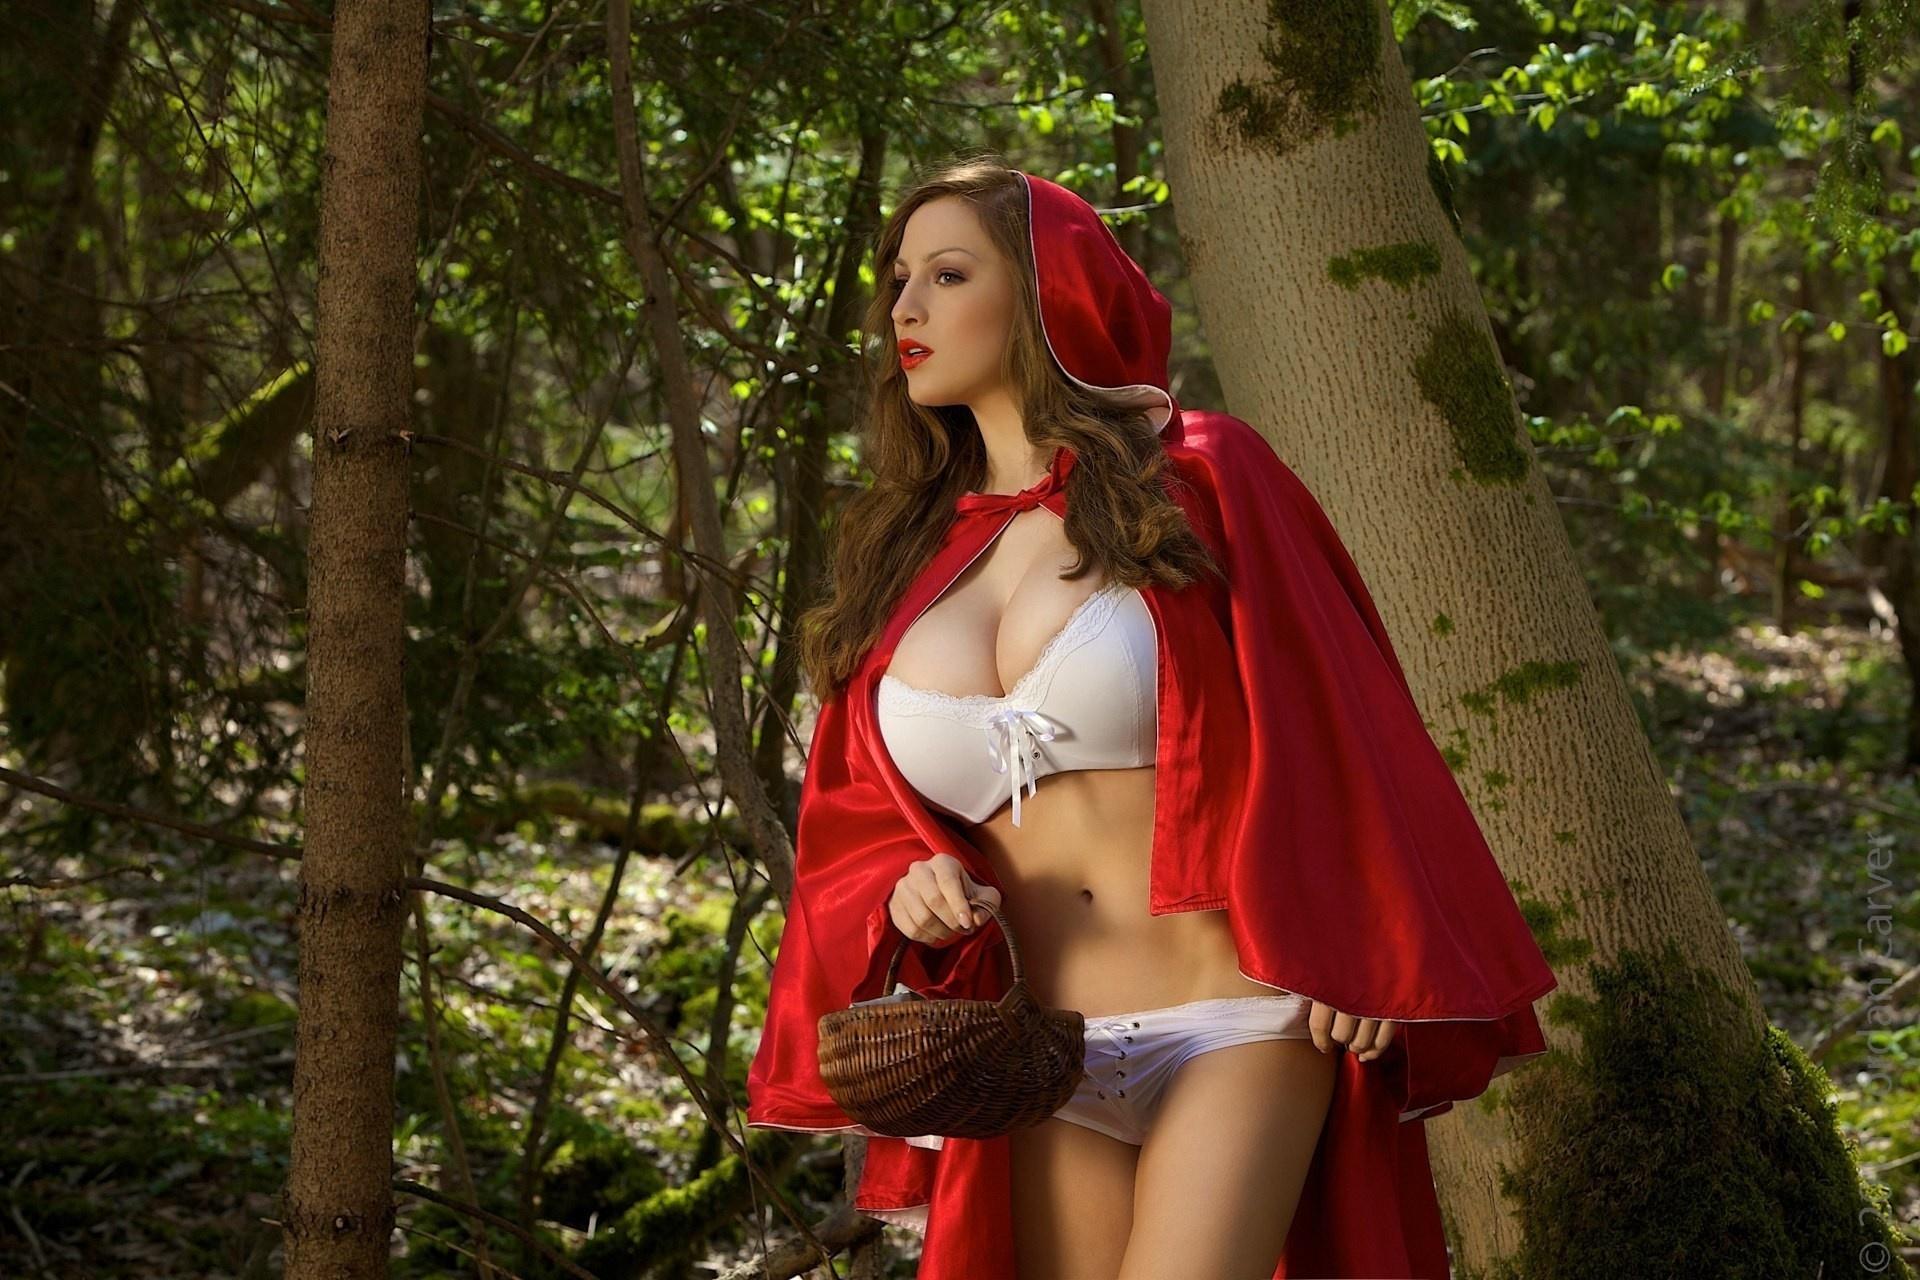 Соблазнение девушки в лесу 14 фотография